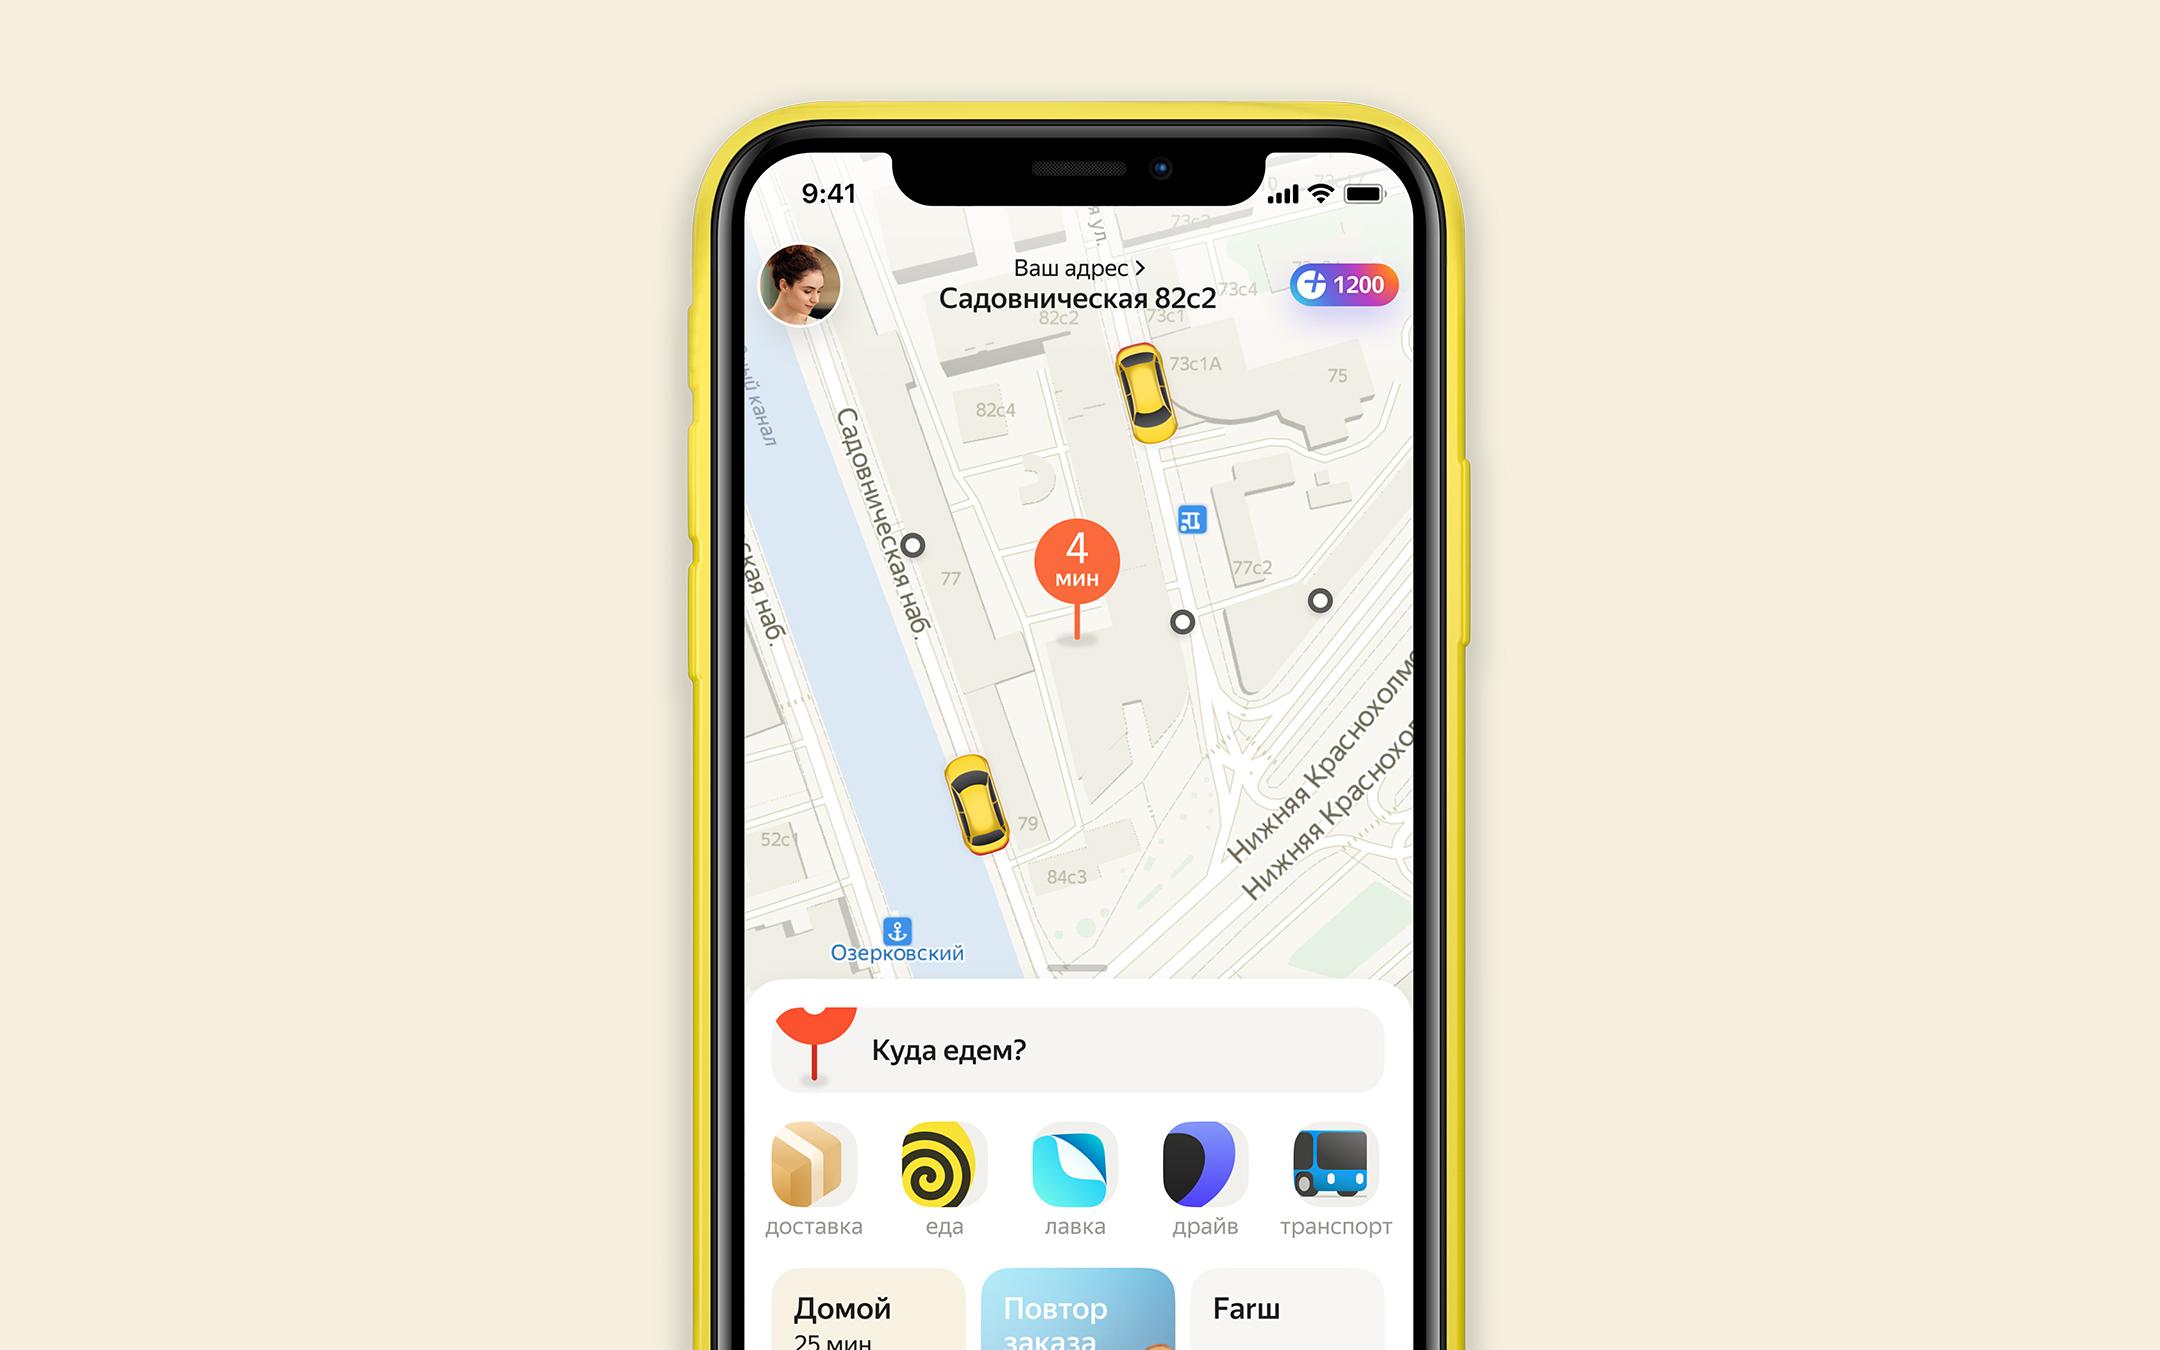 Яндекс запустил сервис Go, в котором объединил Такси, Драйв, Еду и Лавку (orig)